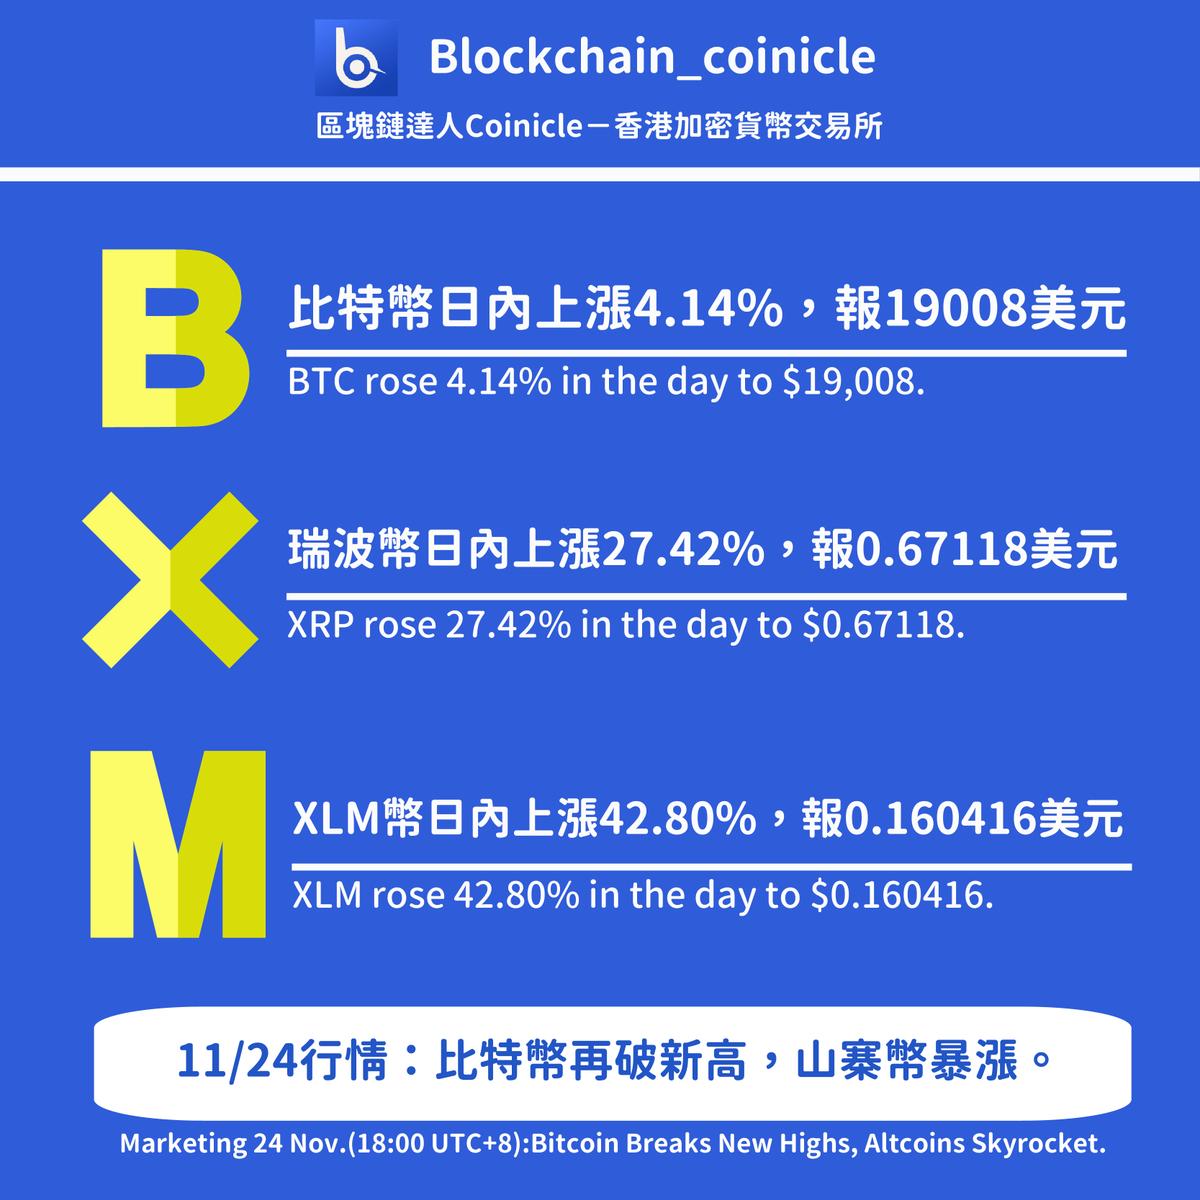 19000的比特幣,你好。#pocforcorpse #Bitcoin #BTC  - #區塊鏈達人coinicle 行情顯示,截至香港時間週二(24日)18時,比特幣短時衝上19,000美元,最高創下 19,050美元價格。今日早盤多數山寨幣皆出現暴漲,包括恆星幣、瑞波幣皆一度有超過40%漲幅。